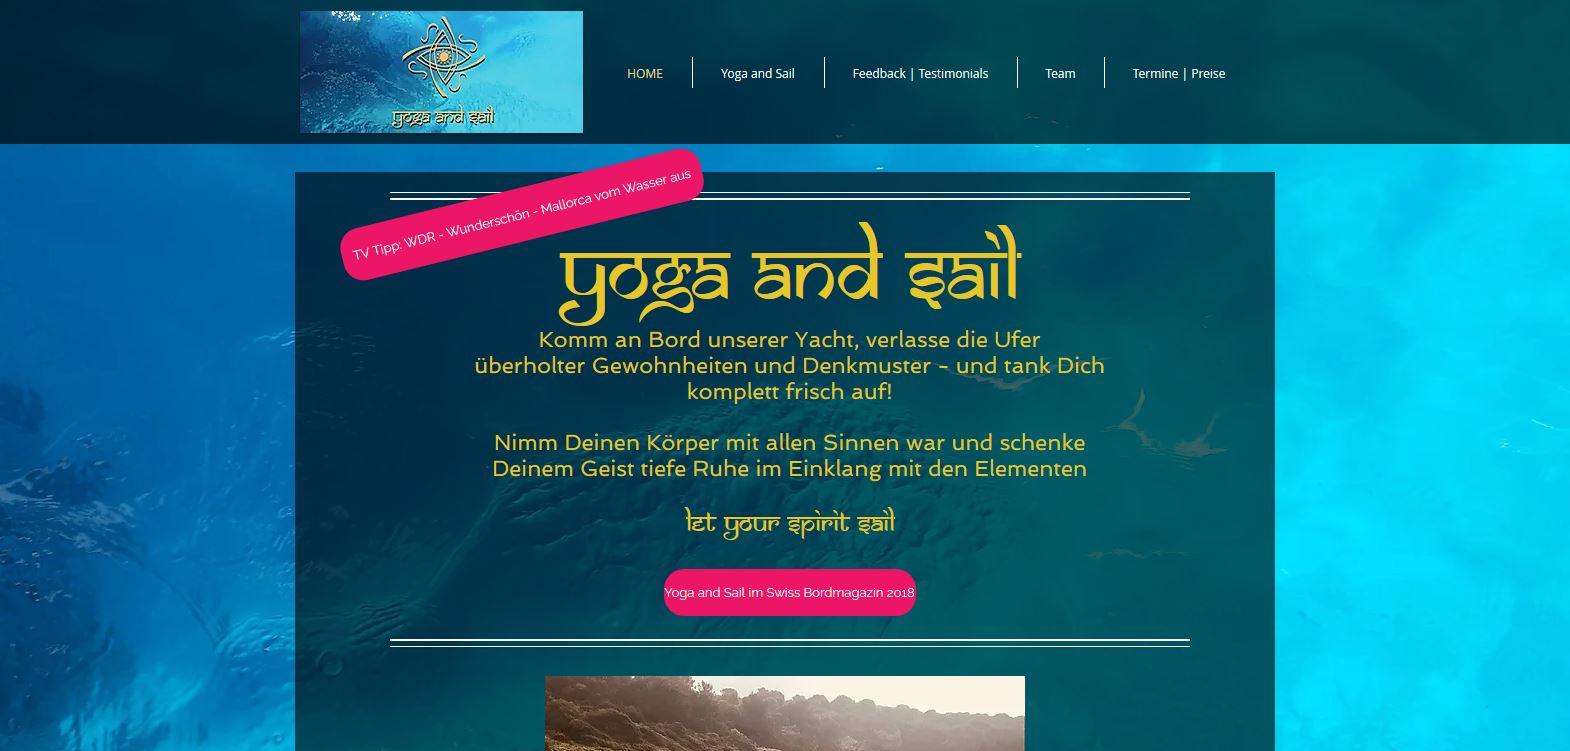 Webiste Yoga&Sail